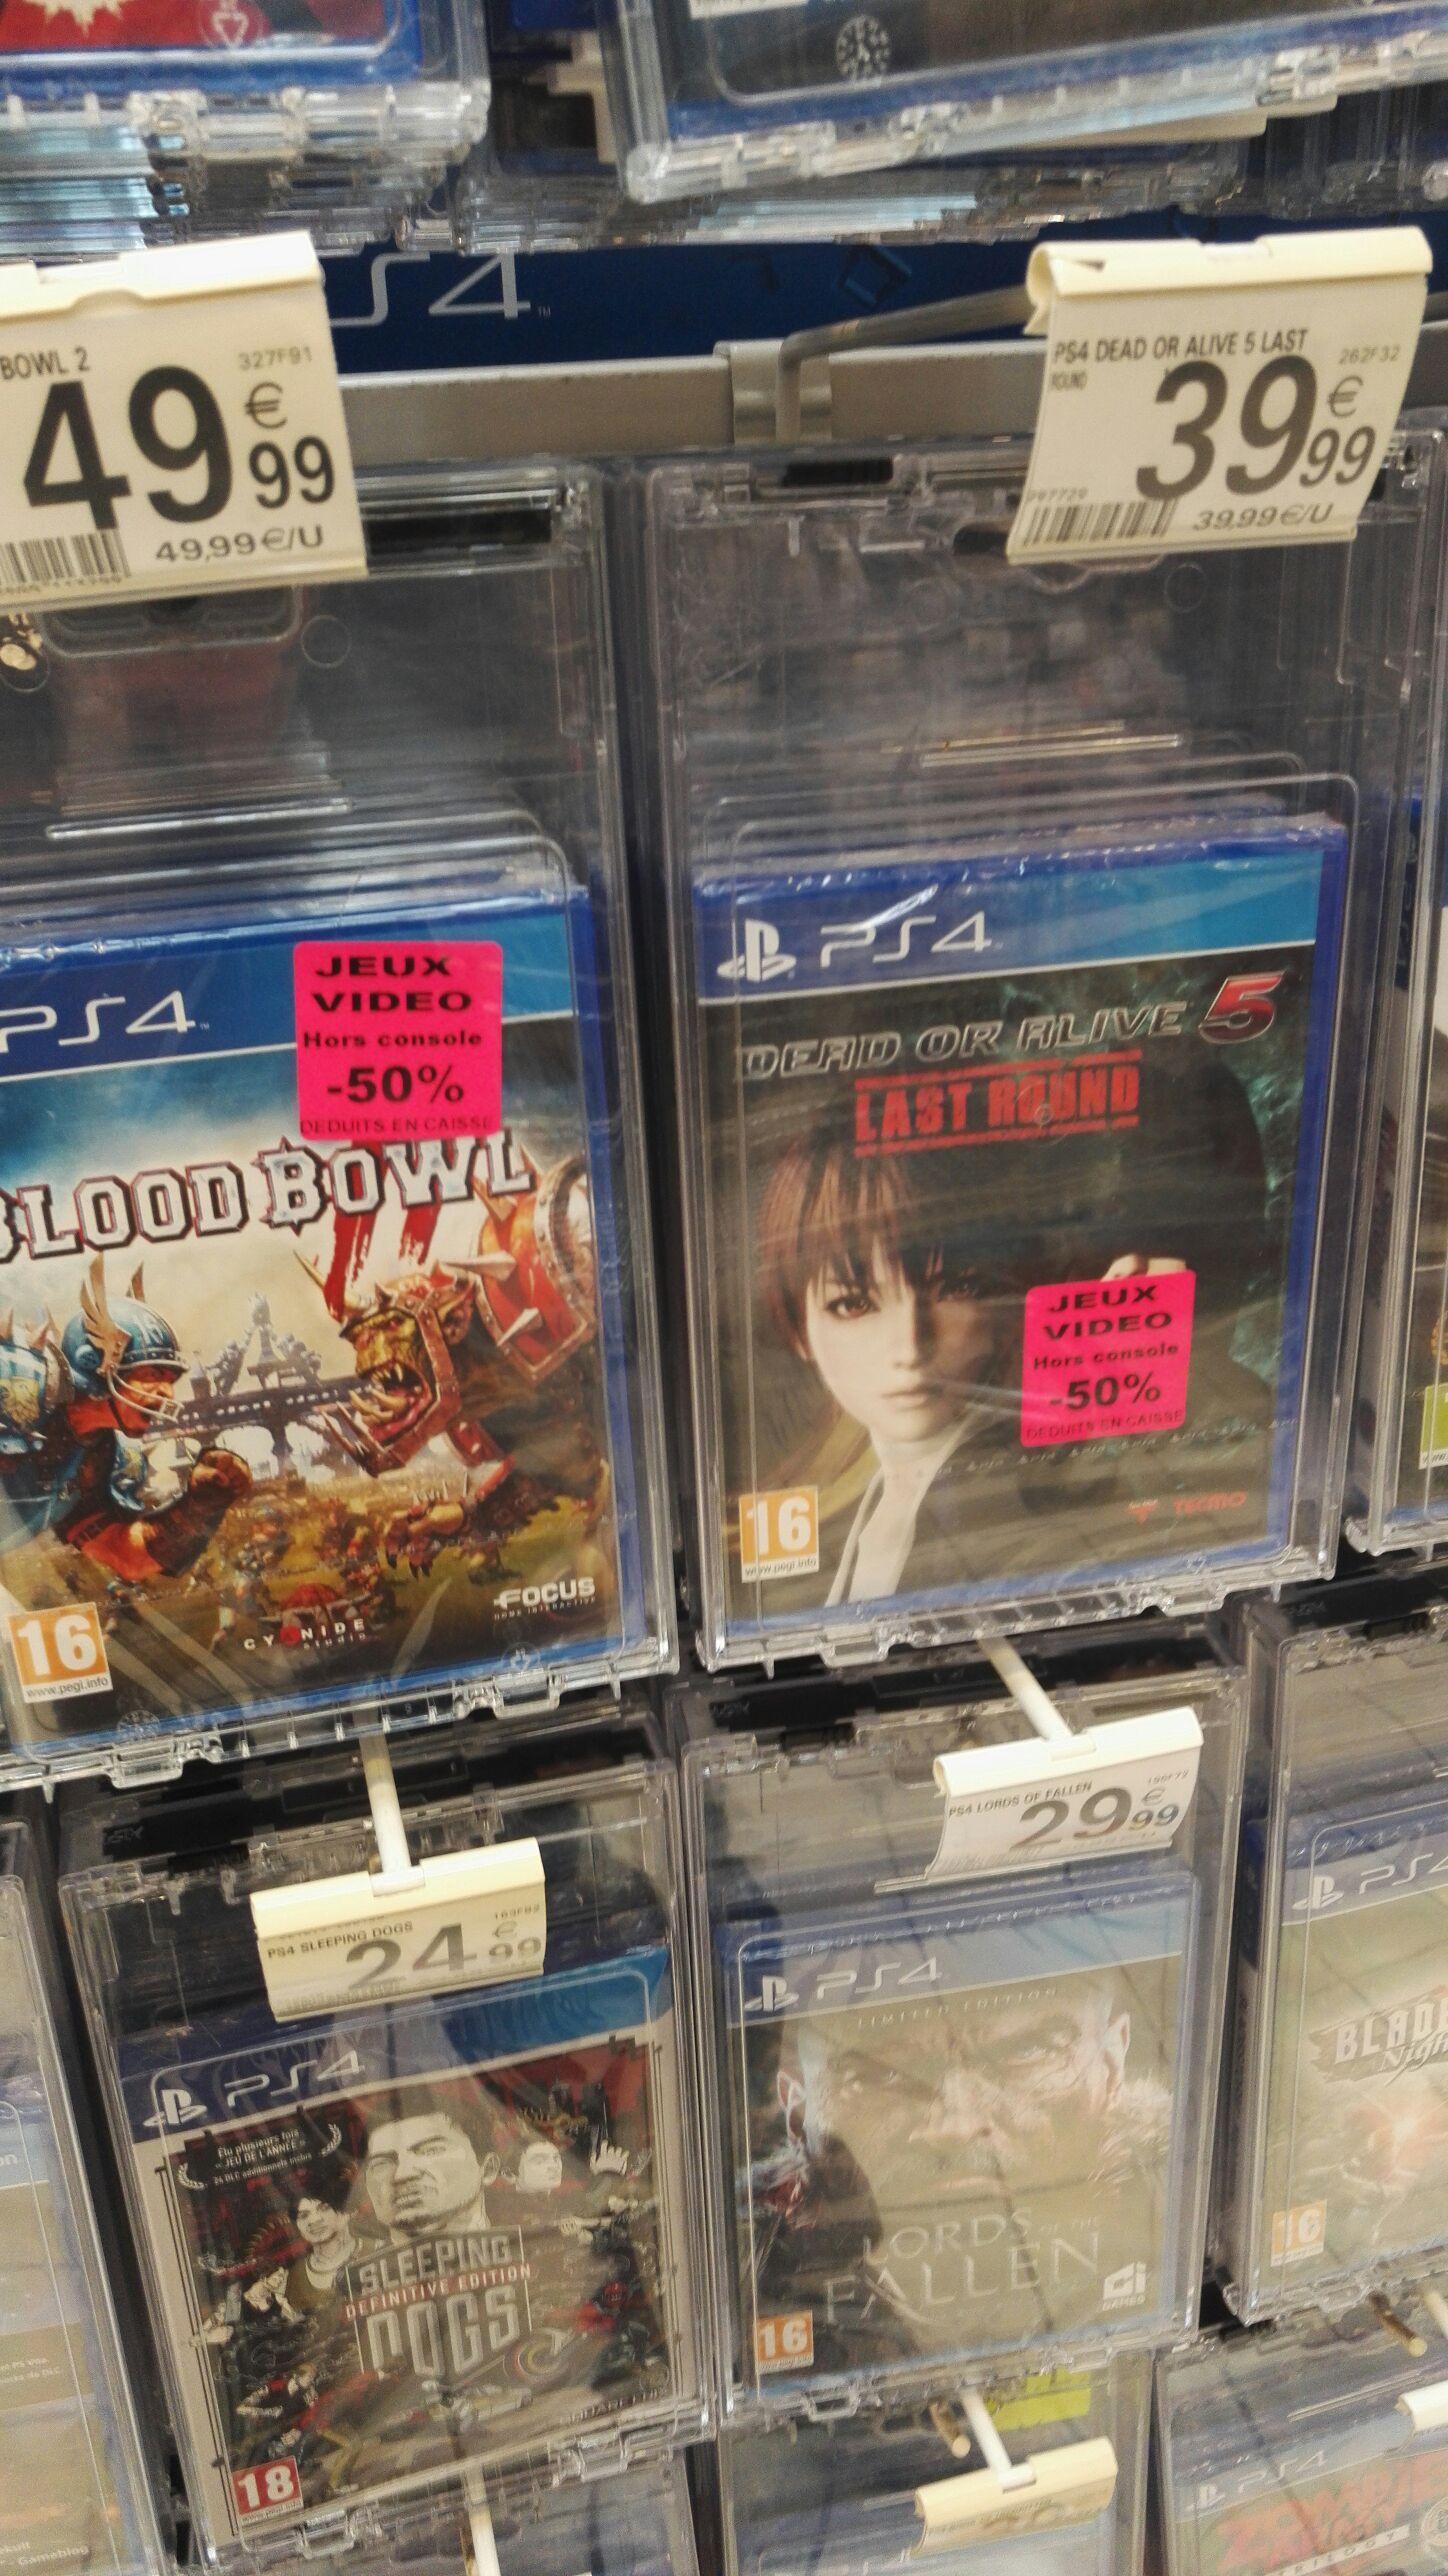 50% de réduction sur Dead or Alive 5 et Blood Bowl 2 sur PS4 - Ex: Dead or Alive 5